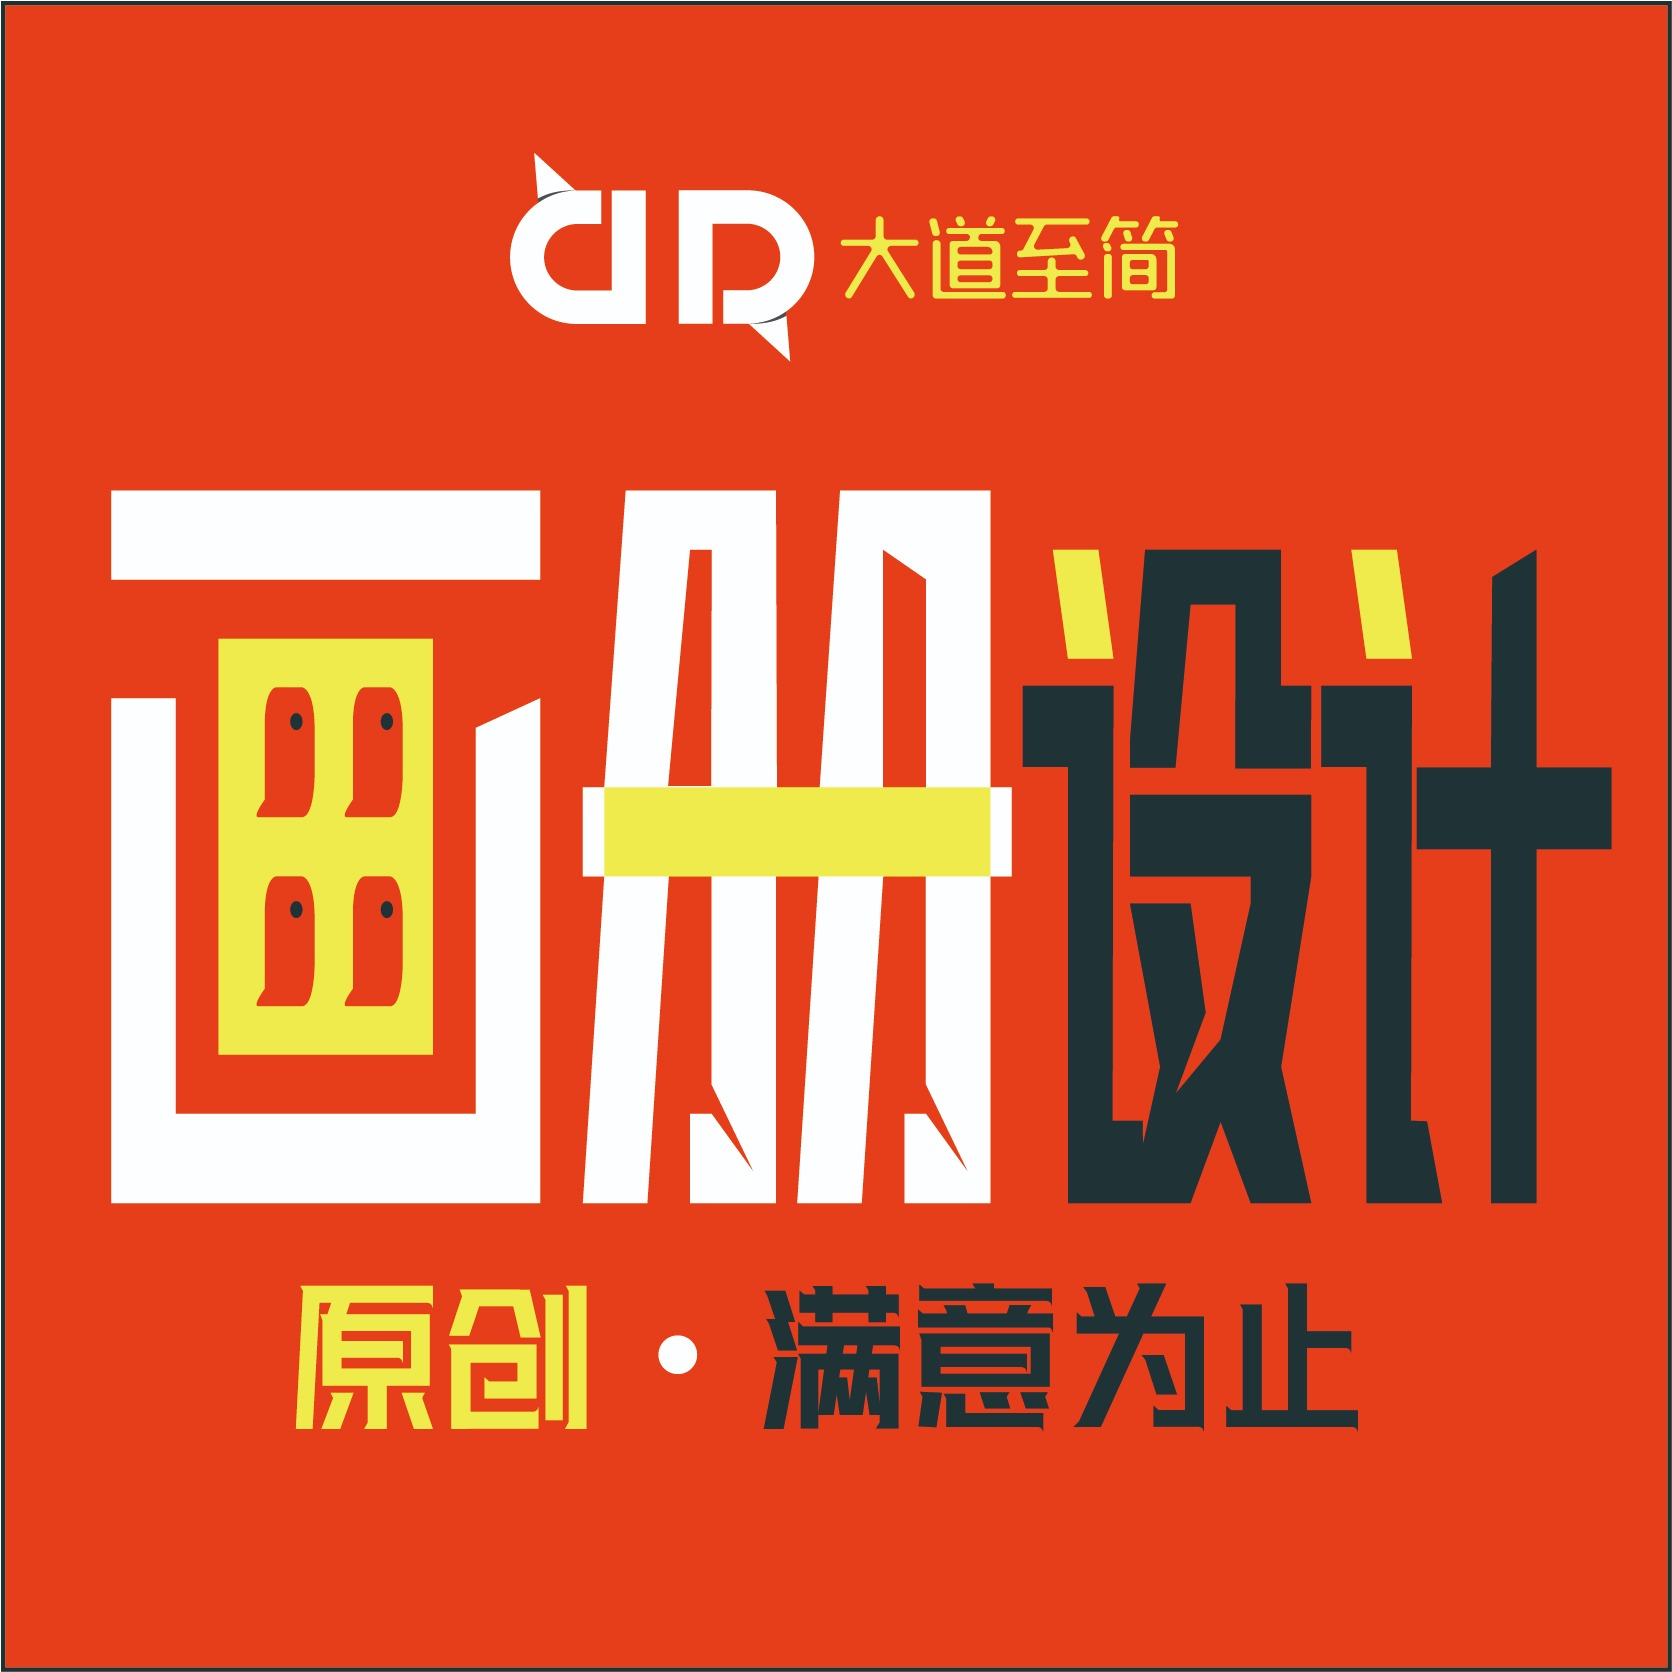 【大道至简】公司菜单谱书籍封面画册设计企业产品手画册宣传册